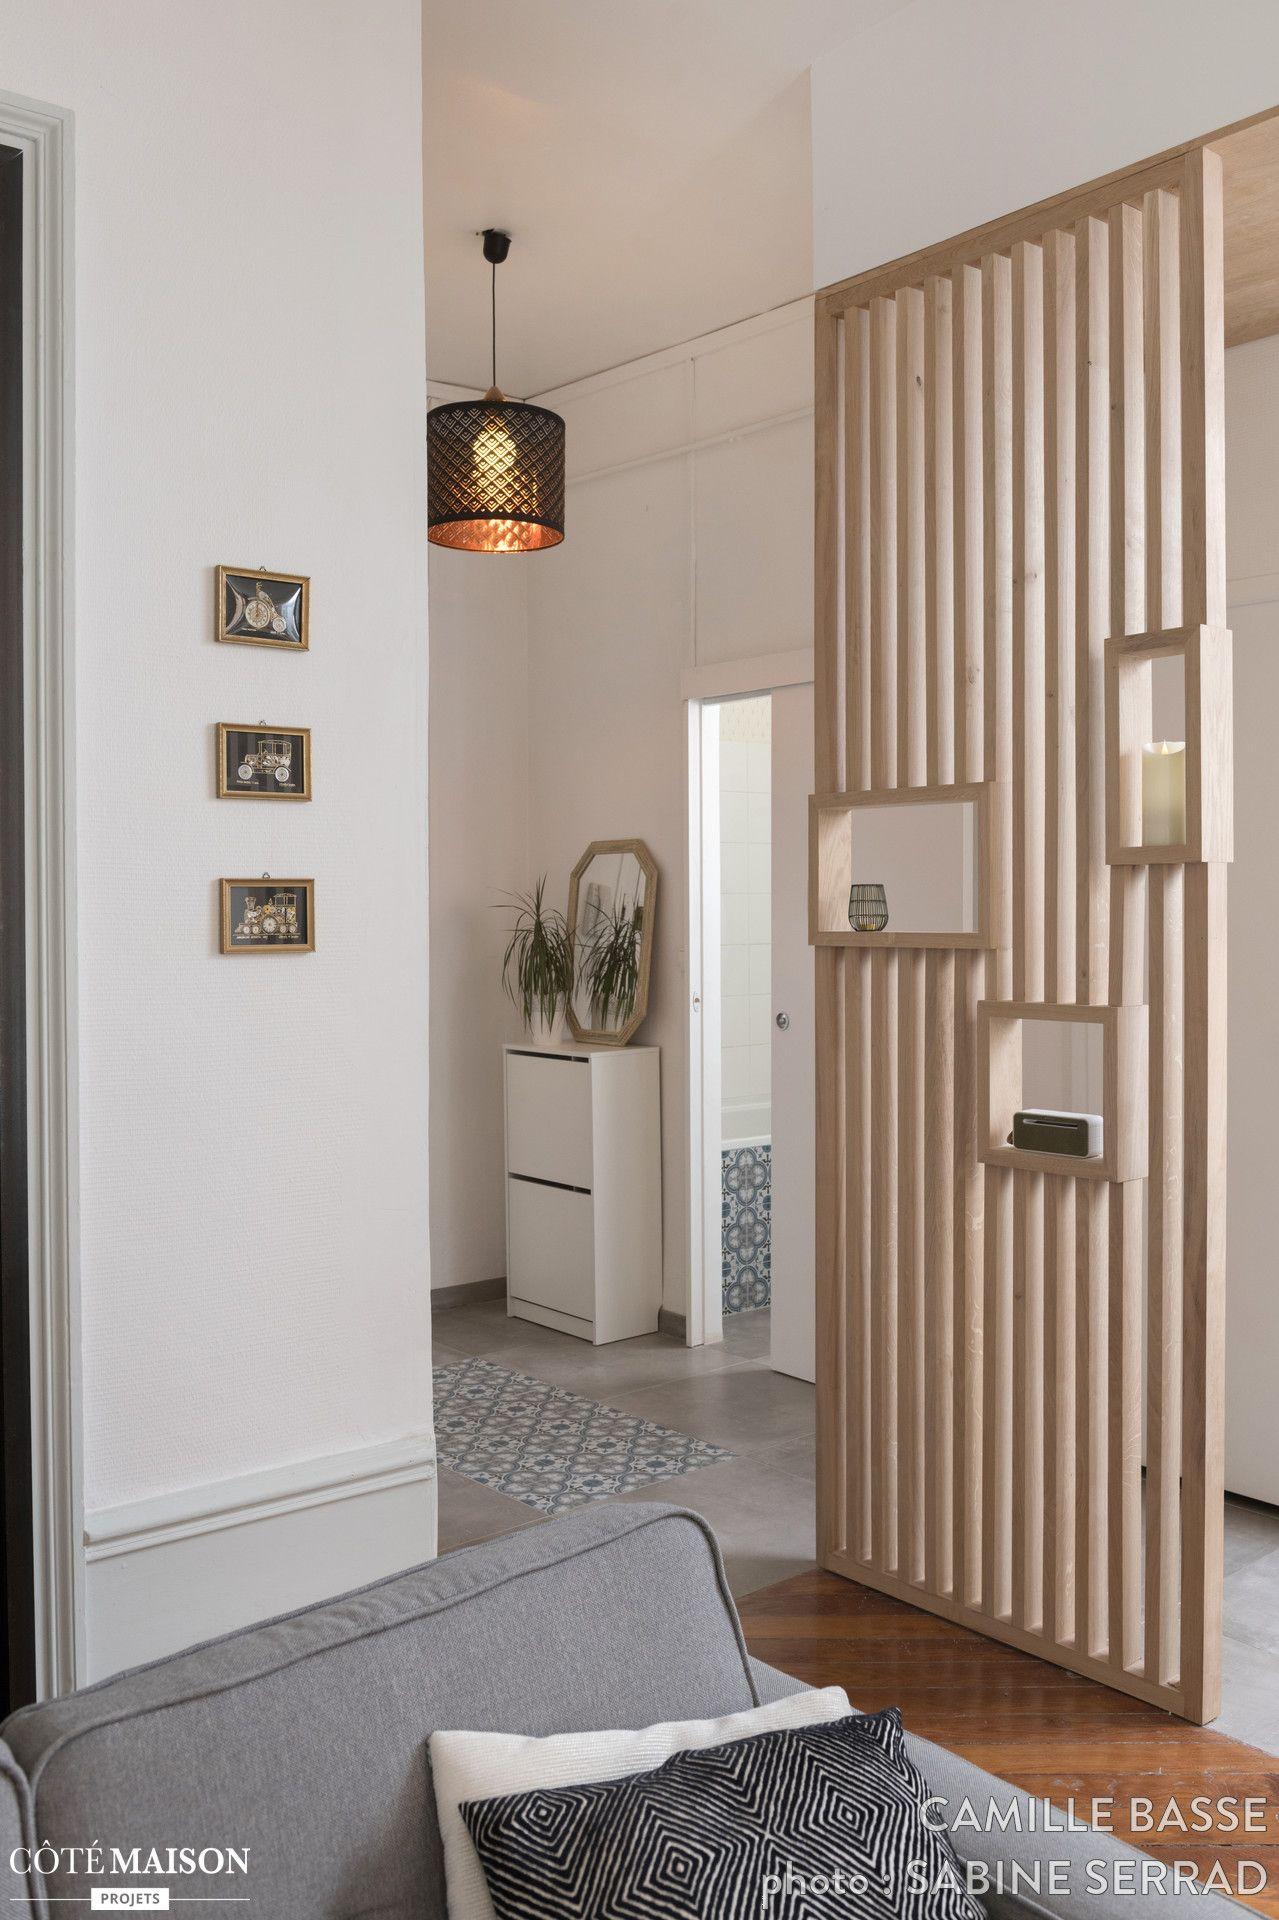 De Cloisonner Camille Basse Cote Maison Avec Images Deco